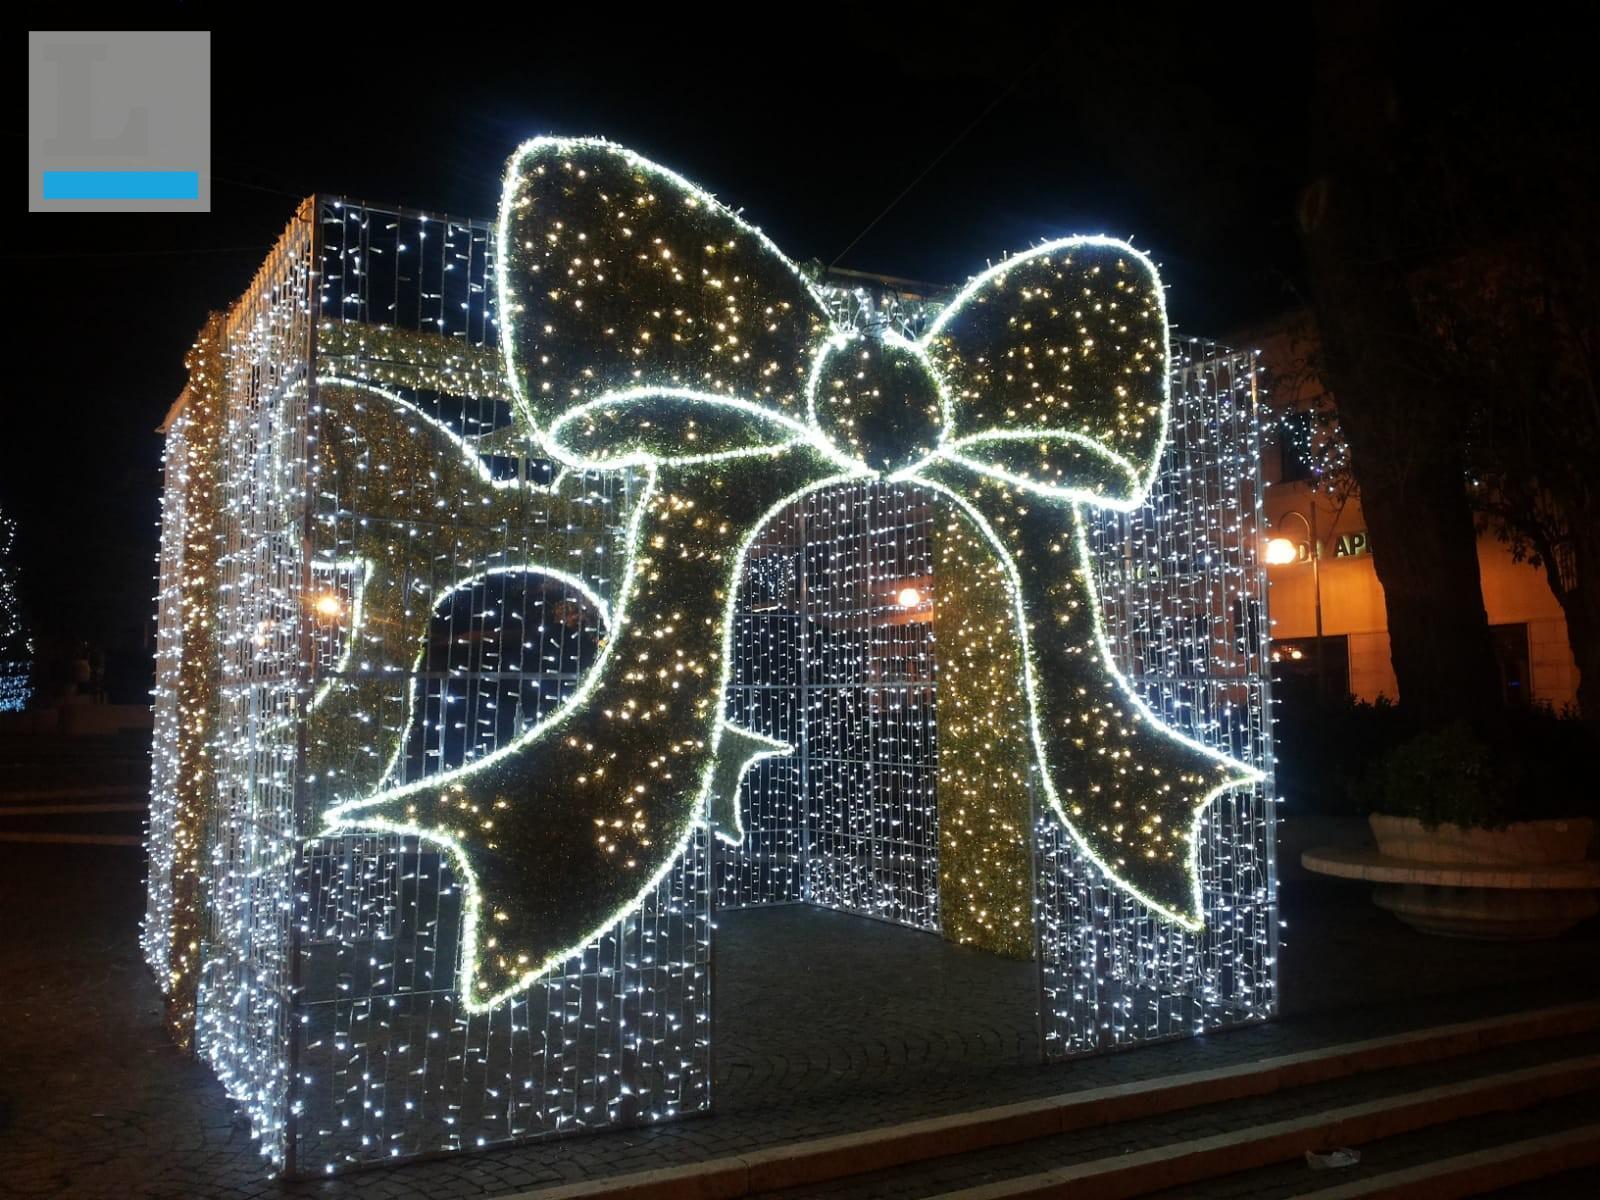 Babbo Natale 8 Dicembre Roma.Aprilia Prime Luminarie In Citta In Piazza Roma Arriva Il